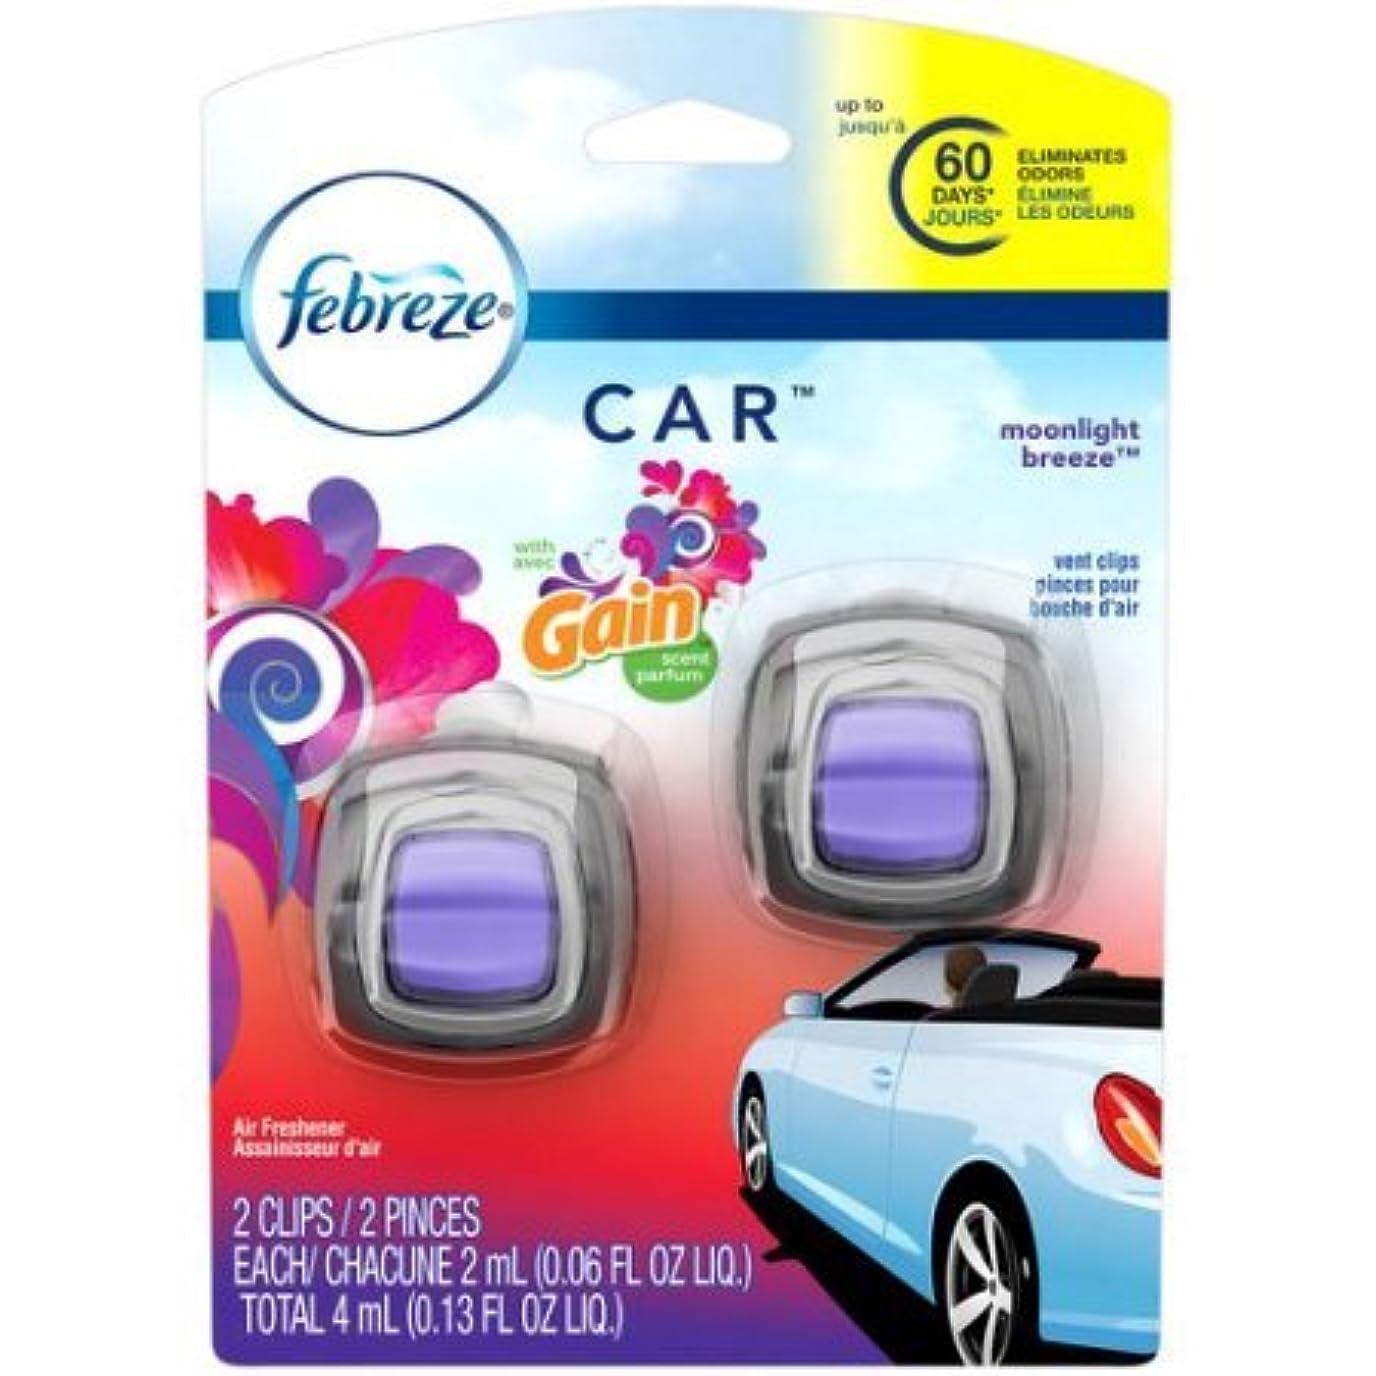 導体イルライセンス【Febreze/ファブリーズ】 車用芳香剤 (イージークリップ) 2個入り ゲイン ムーンライトブリーズ Car Vent Clips Gain Moonlight Breeze Air Freshener, 0.06 oz, 2 count [並行輸入品]